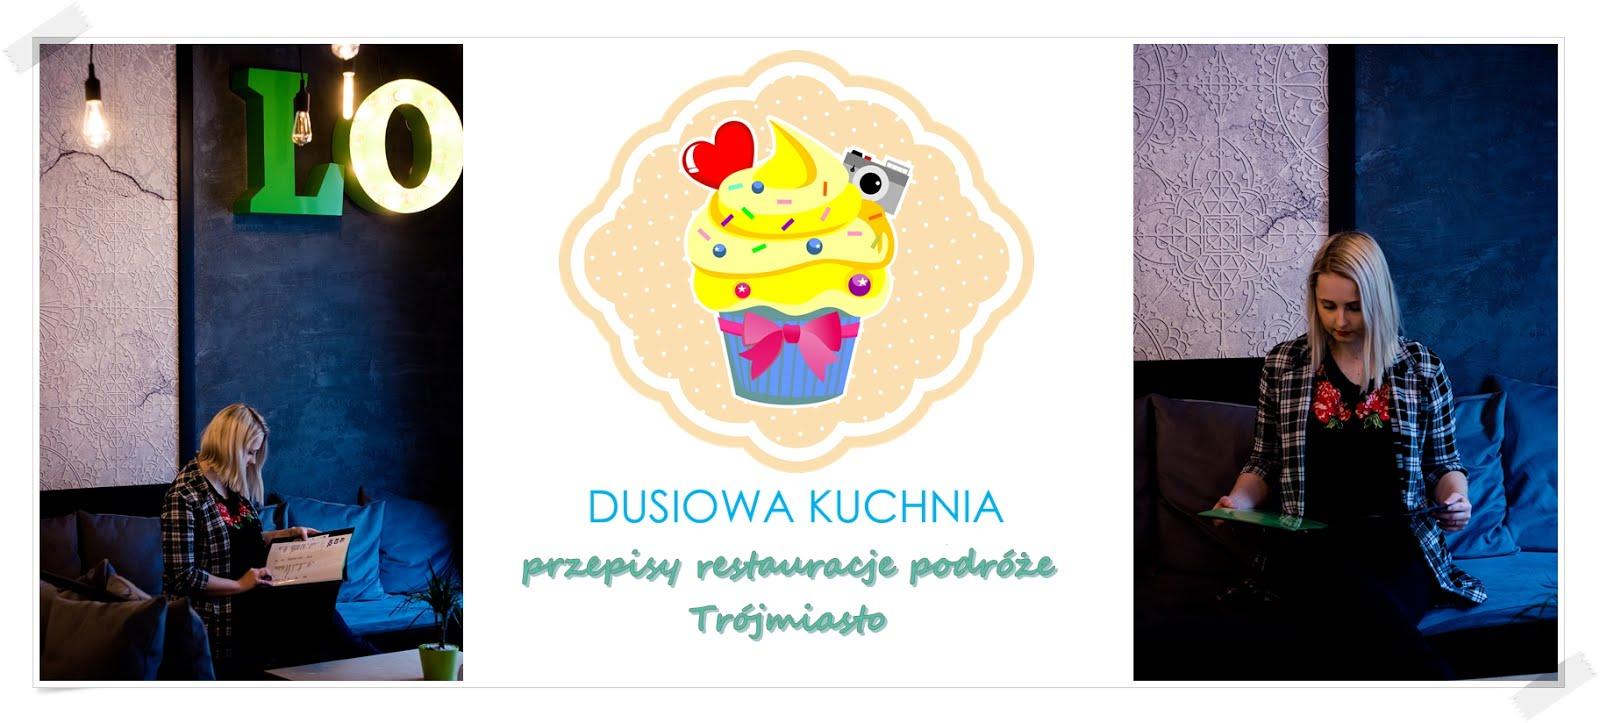 Dusiowa kuchnia - blog kulinarny z przepisami i recenzje restauracji